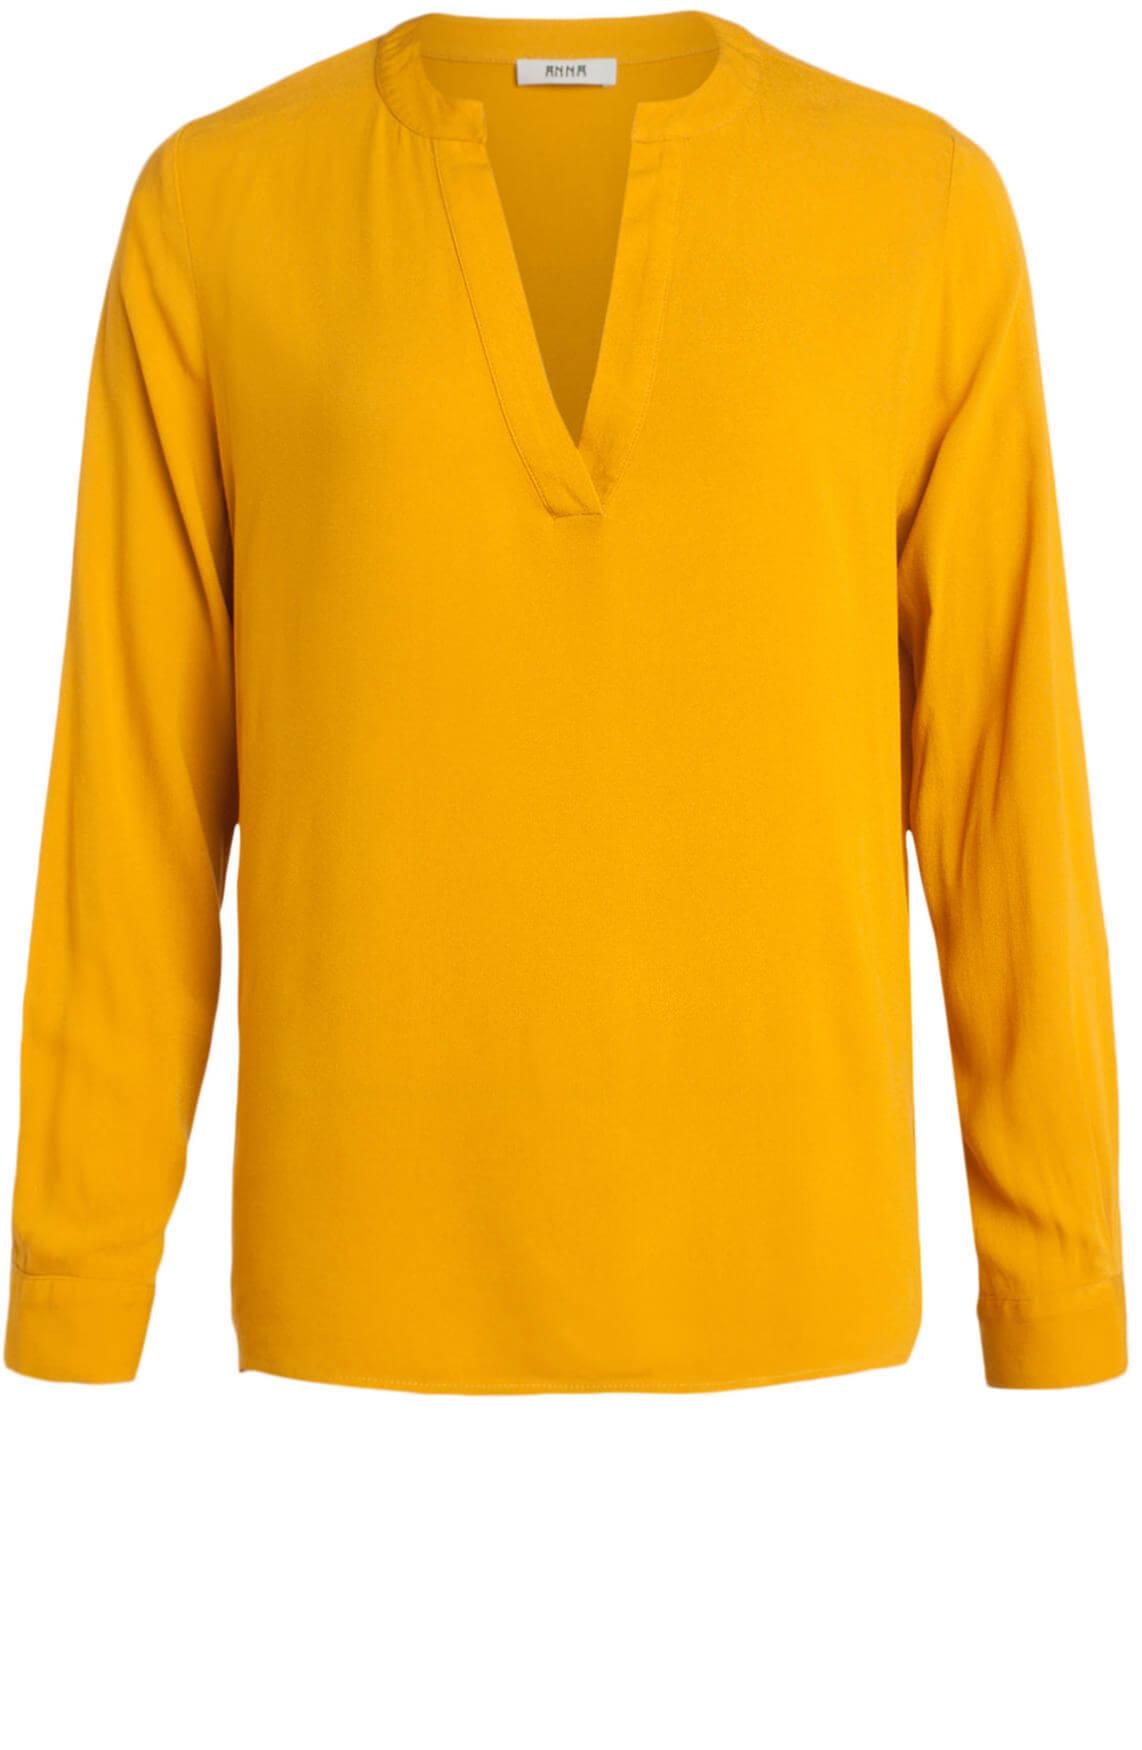 Anna Dames Blouse met v-hals geel